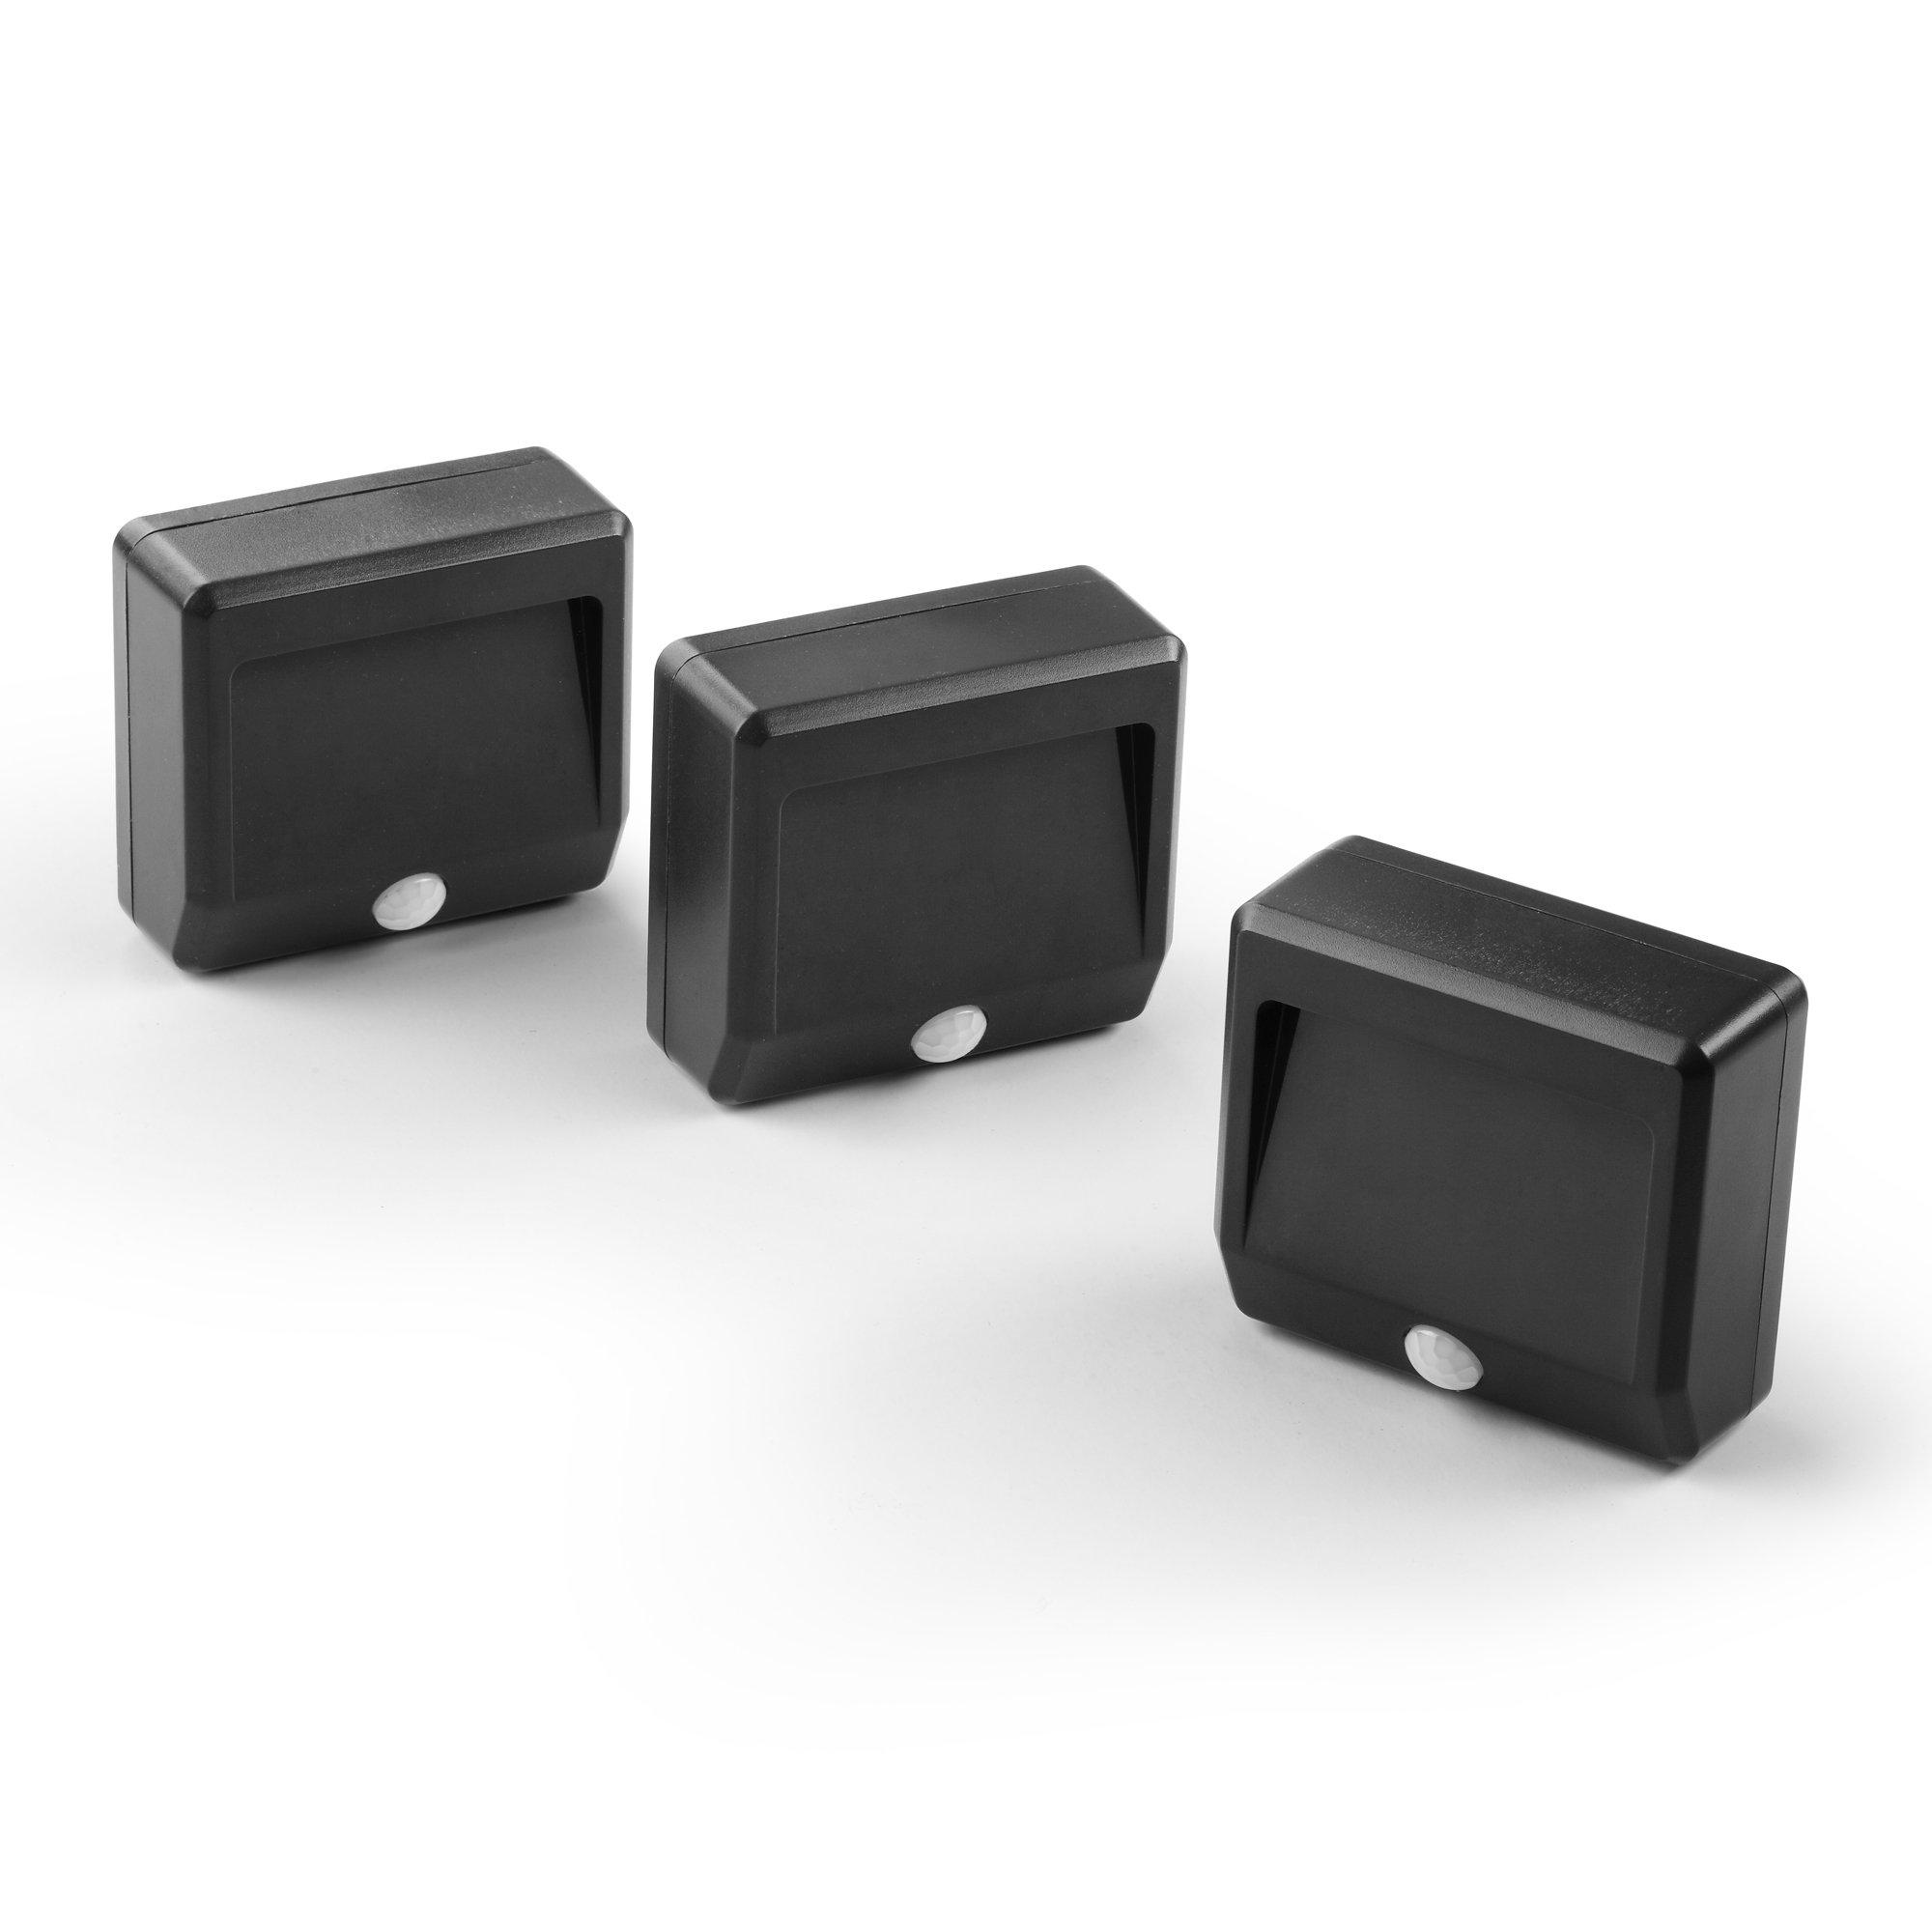 Link2Home EM-2003B Motion Sensing Indoor/Outdoor Battery Powered LED Nightlights (3 Pack), Black